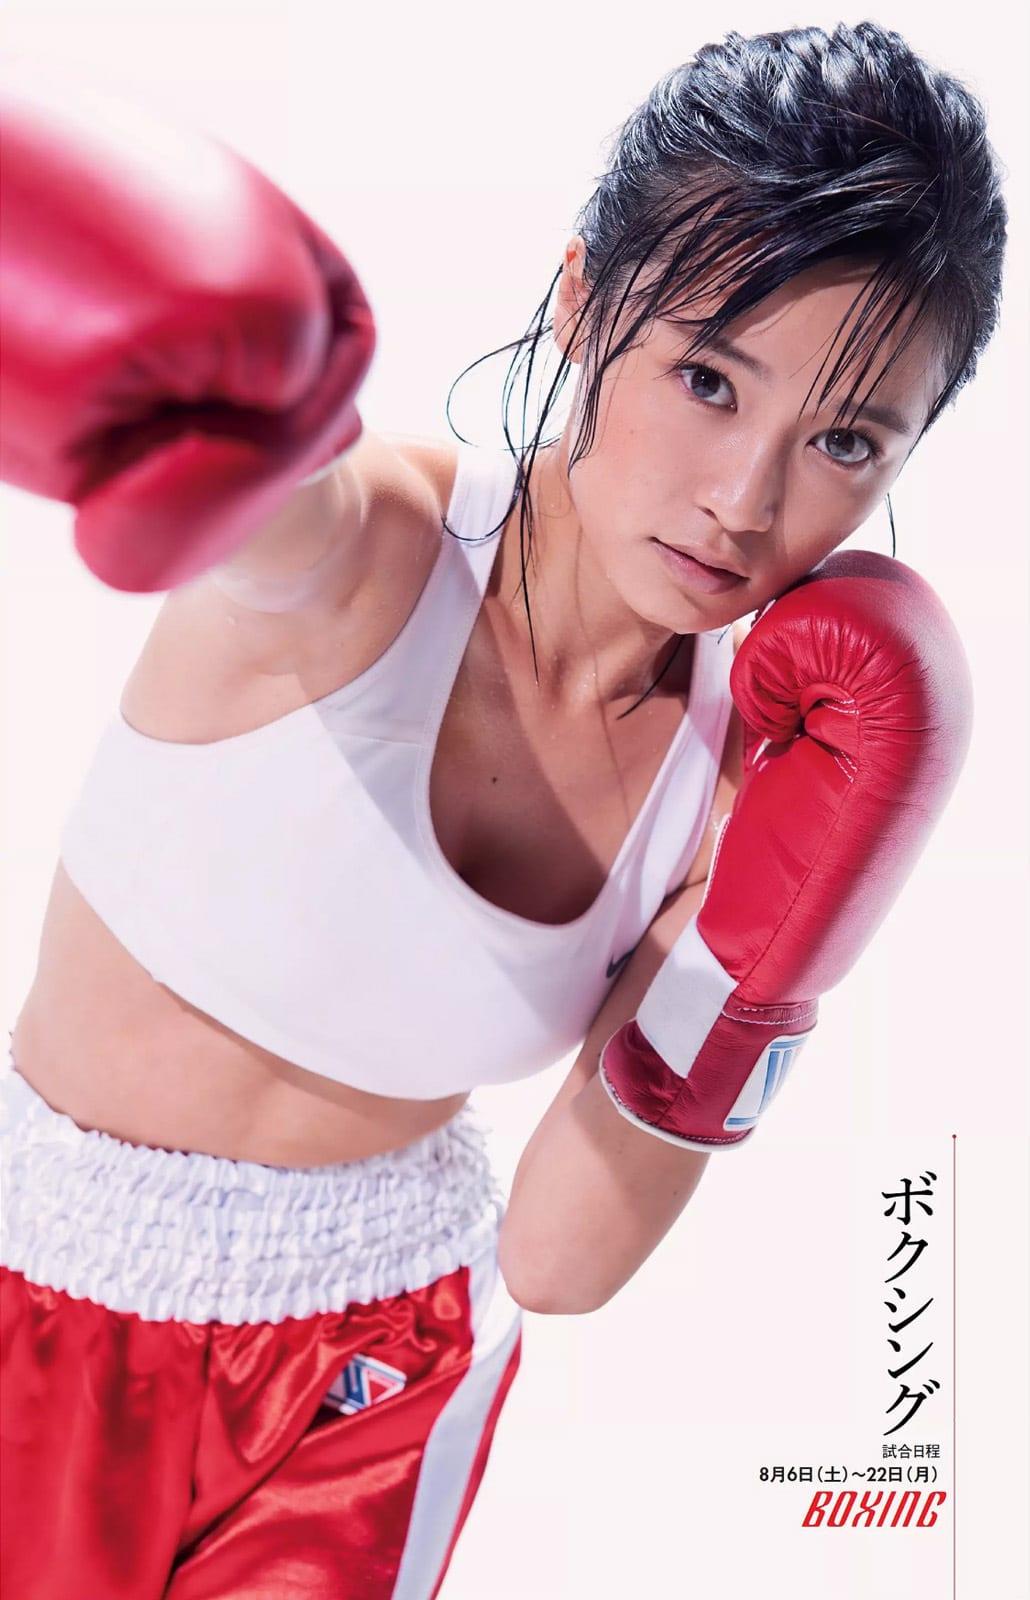 「週刊プレイボーイ 2016 No.33」小島瑠璃子のボクシングユニフォームグラビア